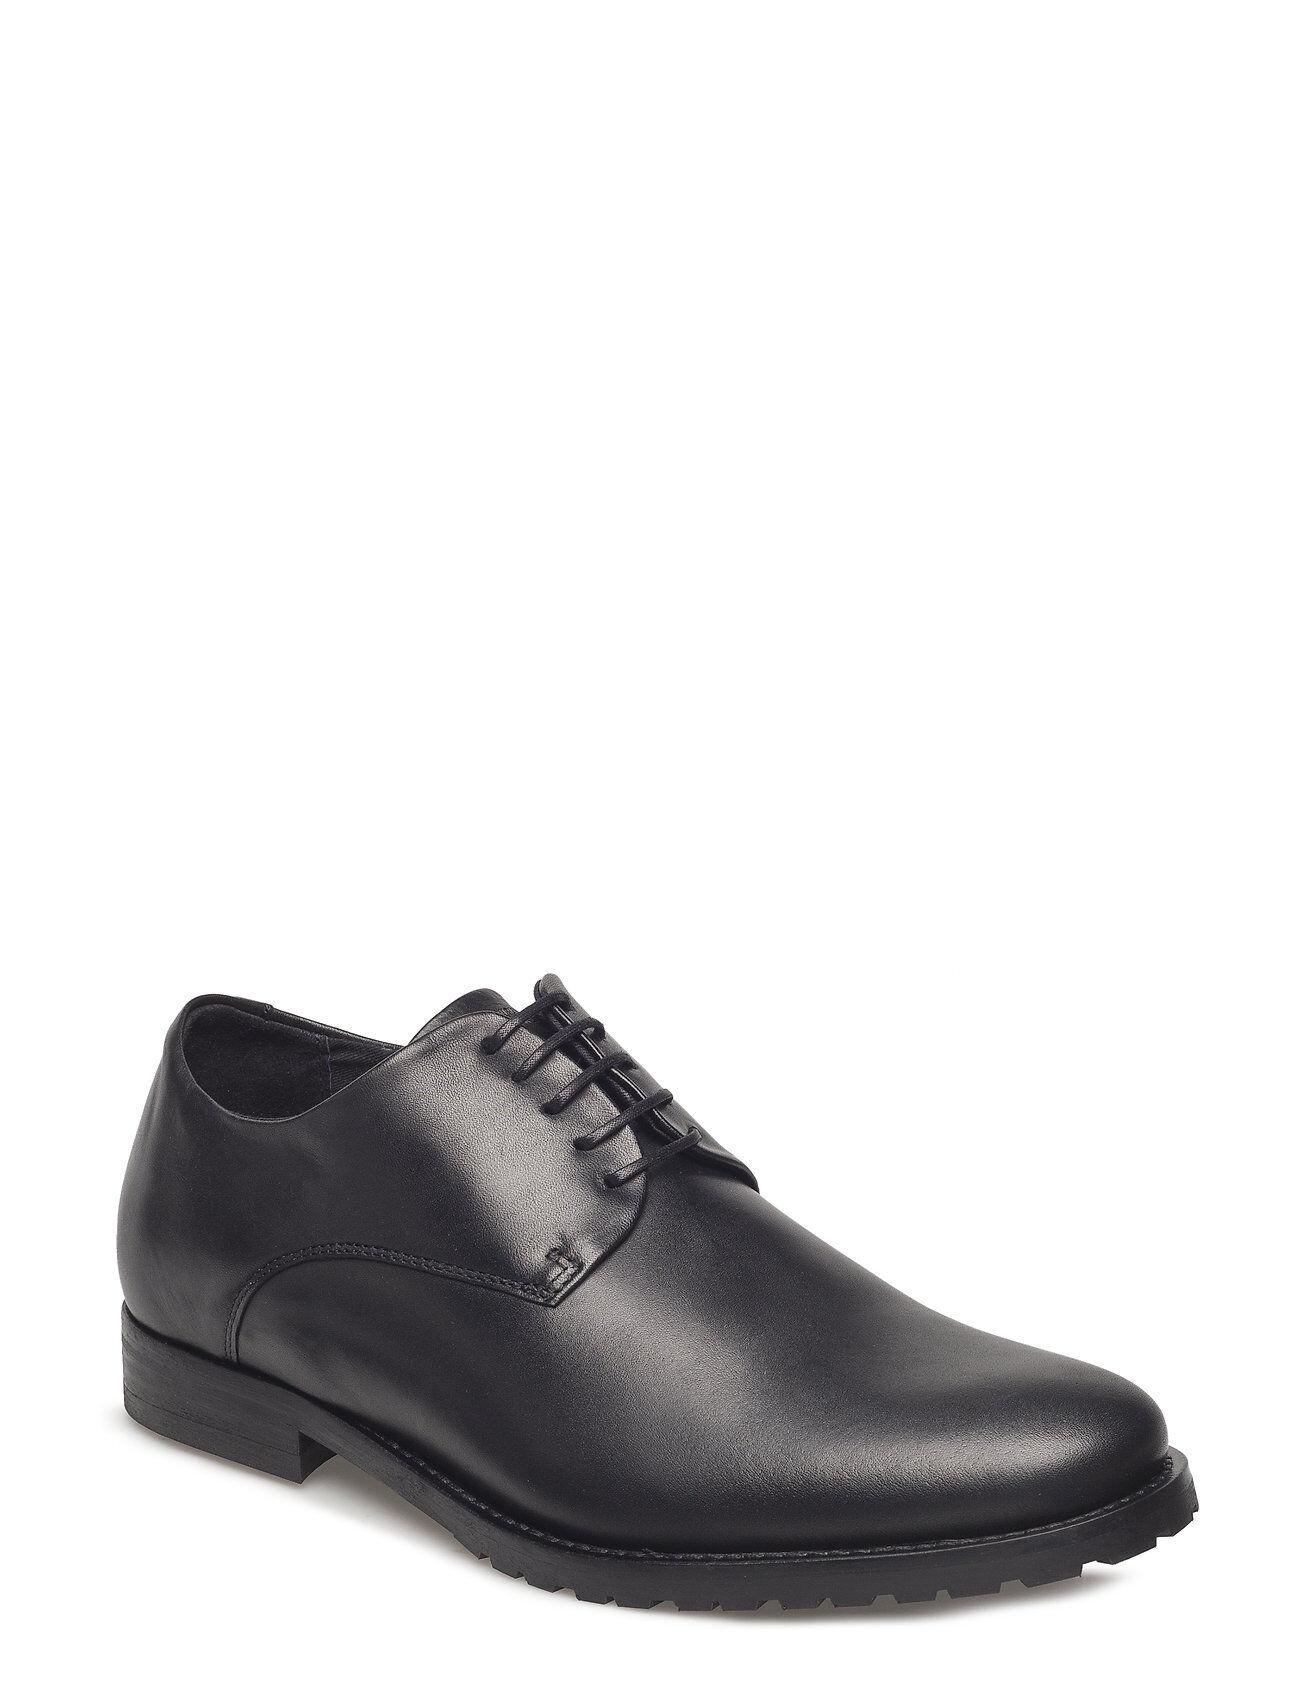 Royal RepubliQ Nano Derby Shoe